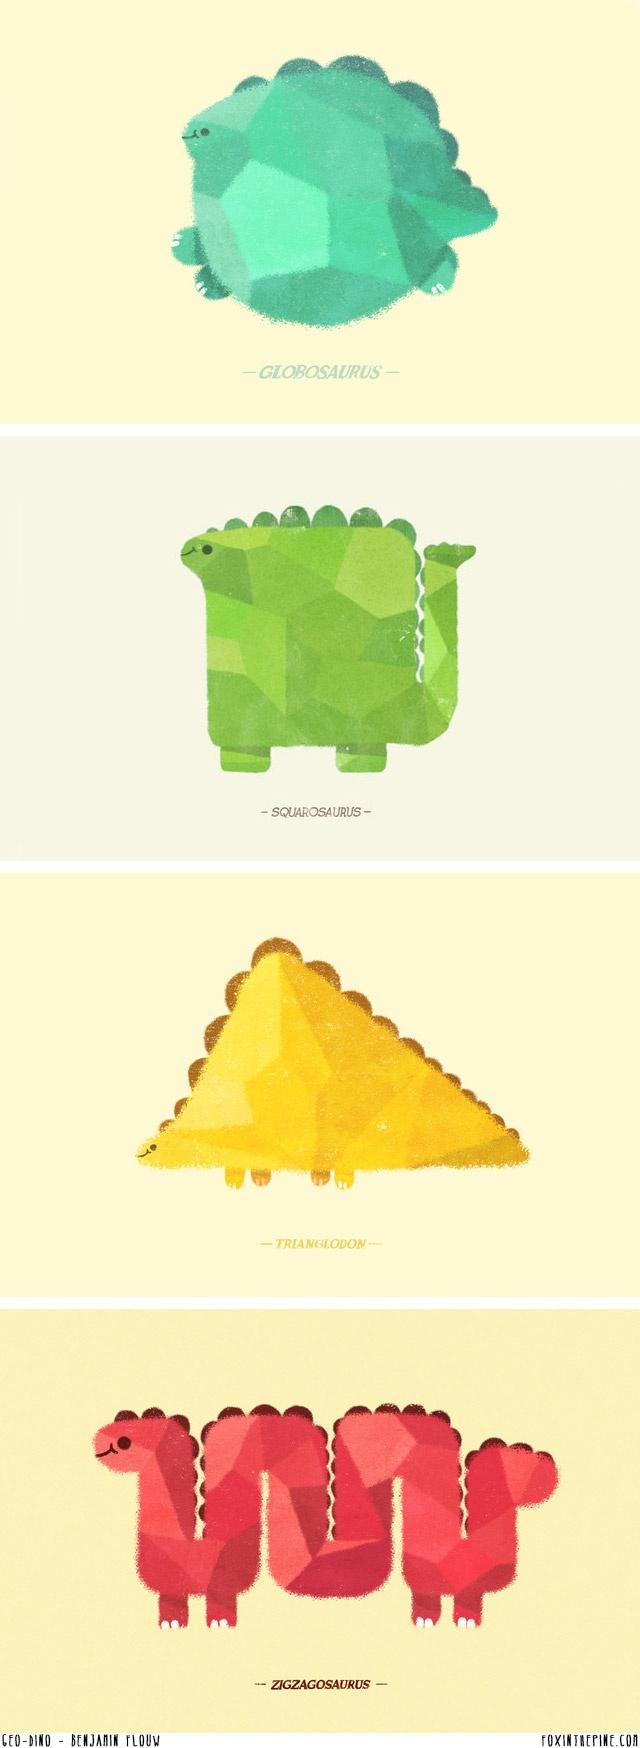 Geo-dino posters by Benjamin Flouw   //   FOXINTHEPINE.COM